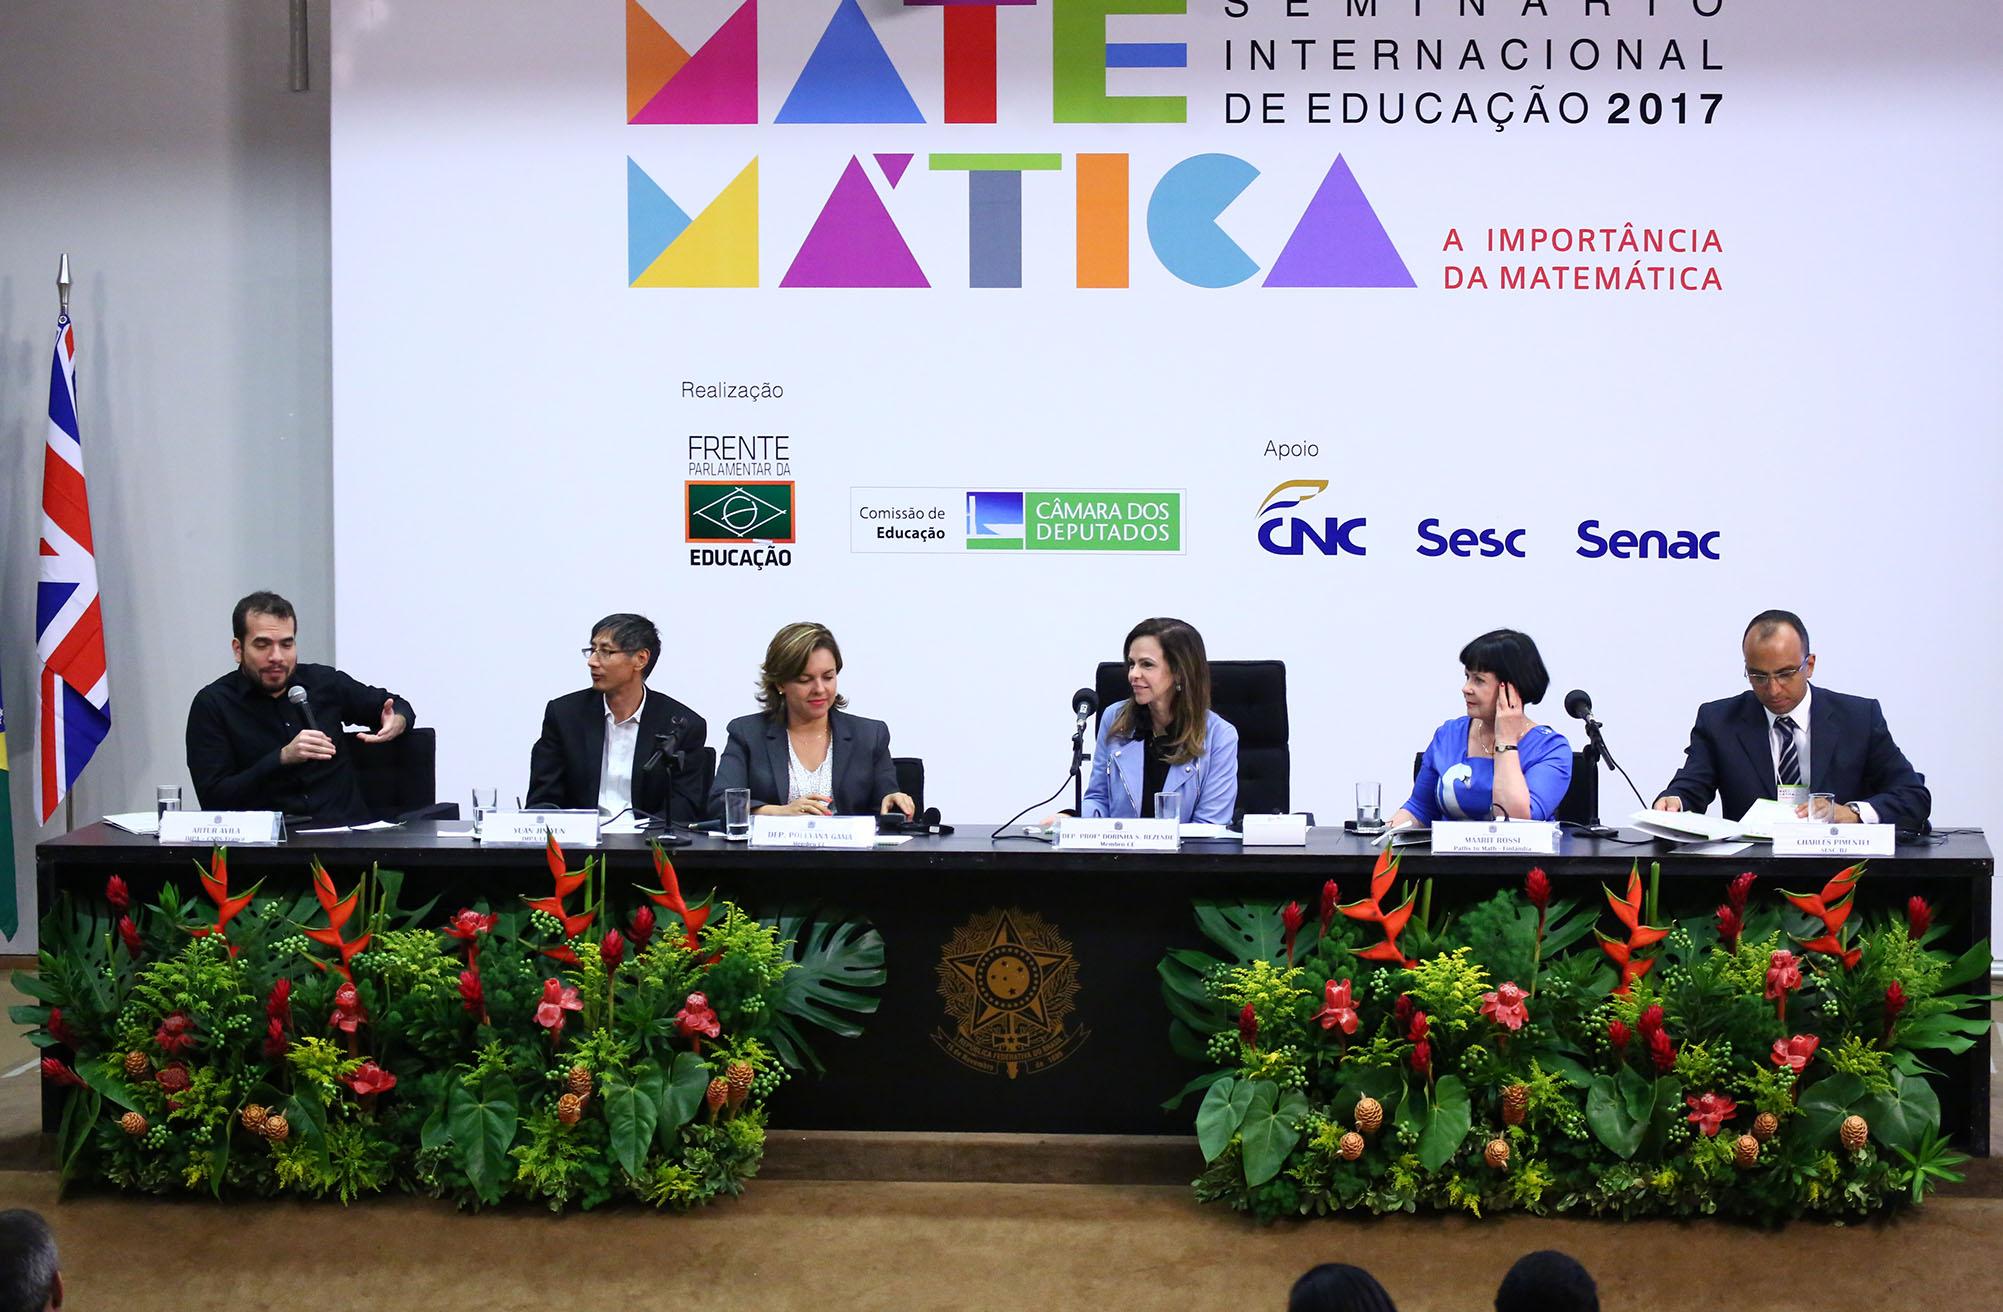 Seminário Internacional de Educação – A Importância da Matemática